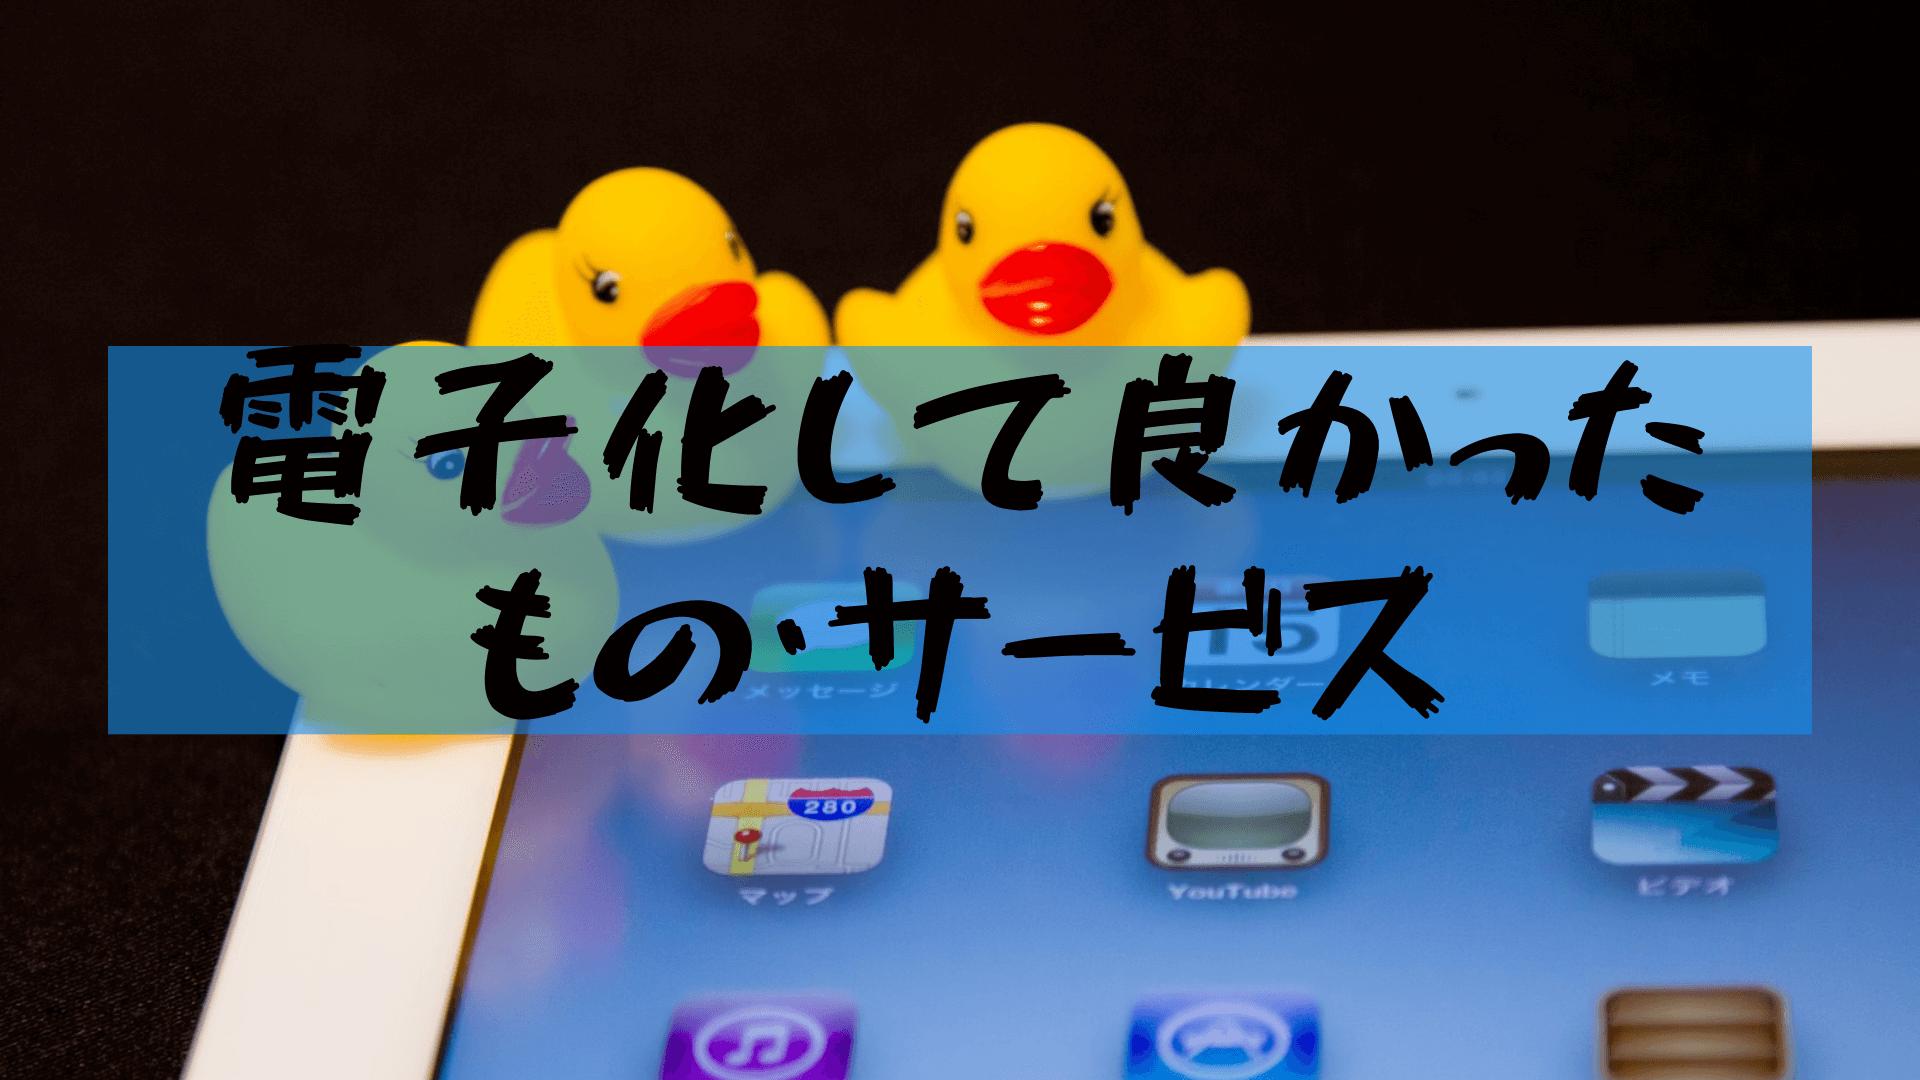 【ミニマリスト持ち物】スマホだけ!アプリとiPhoneホーム画面